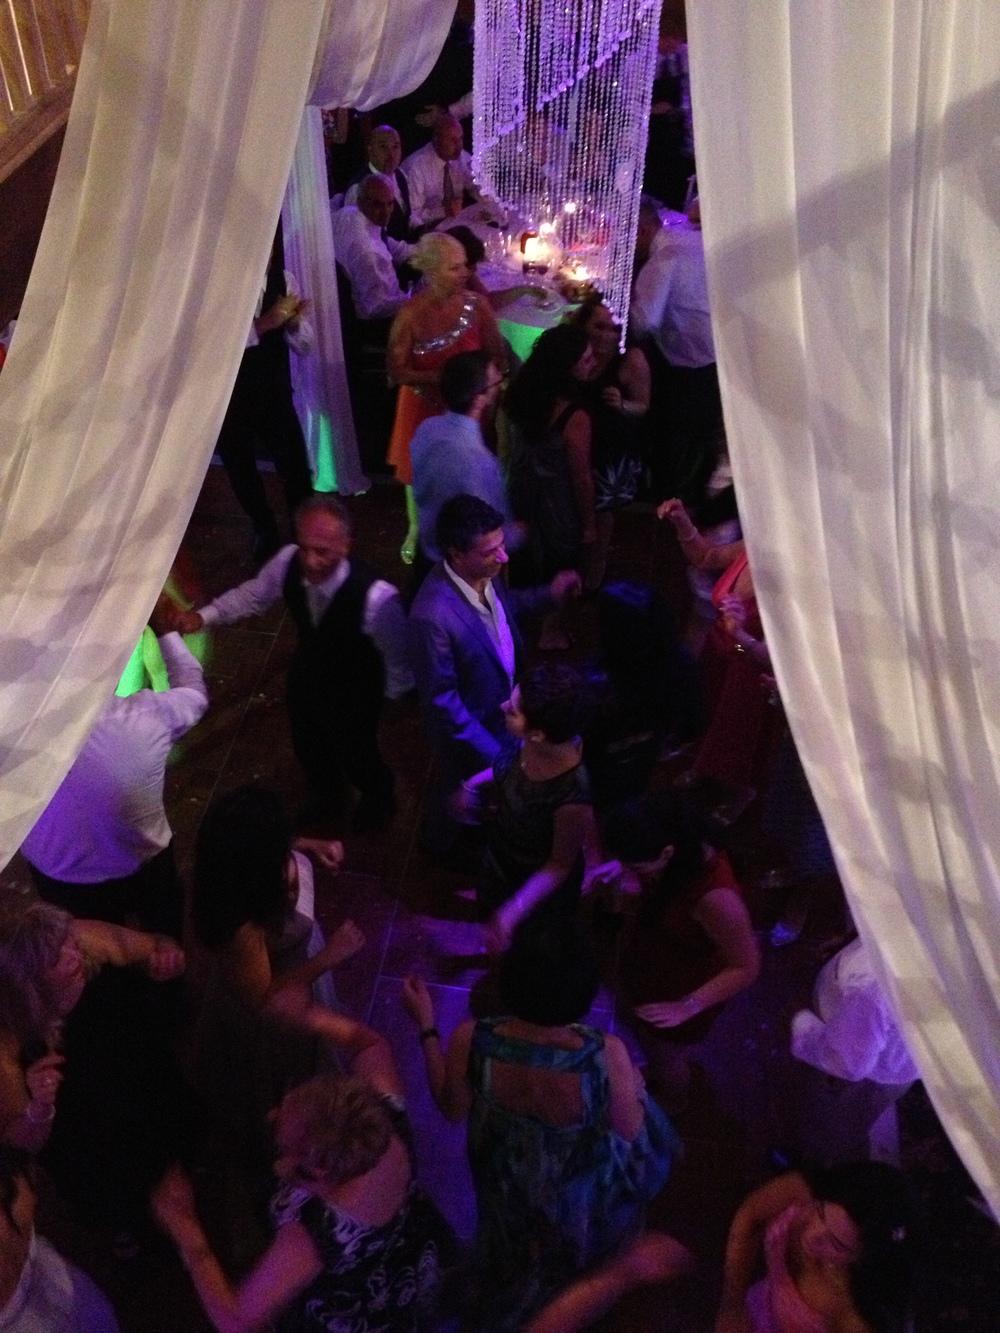 Greek wedding recpetion, Essex, June 22nd